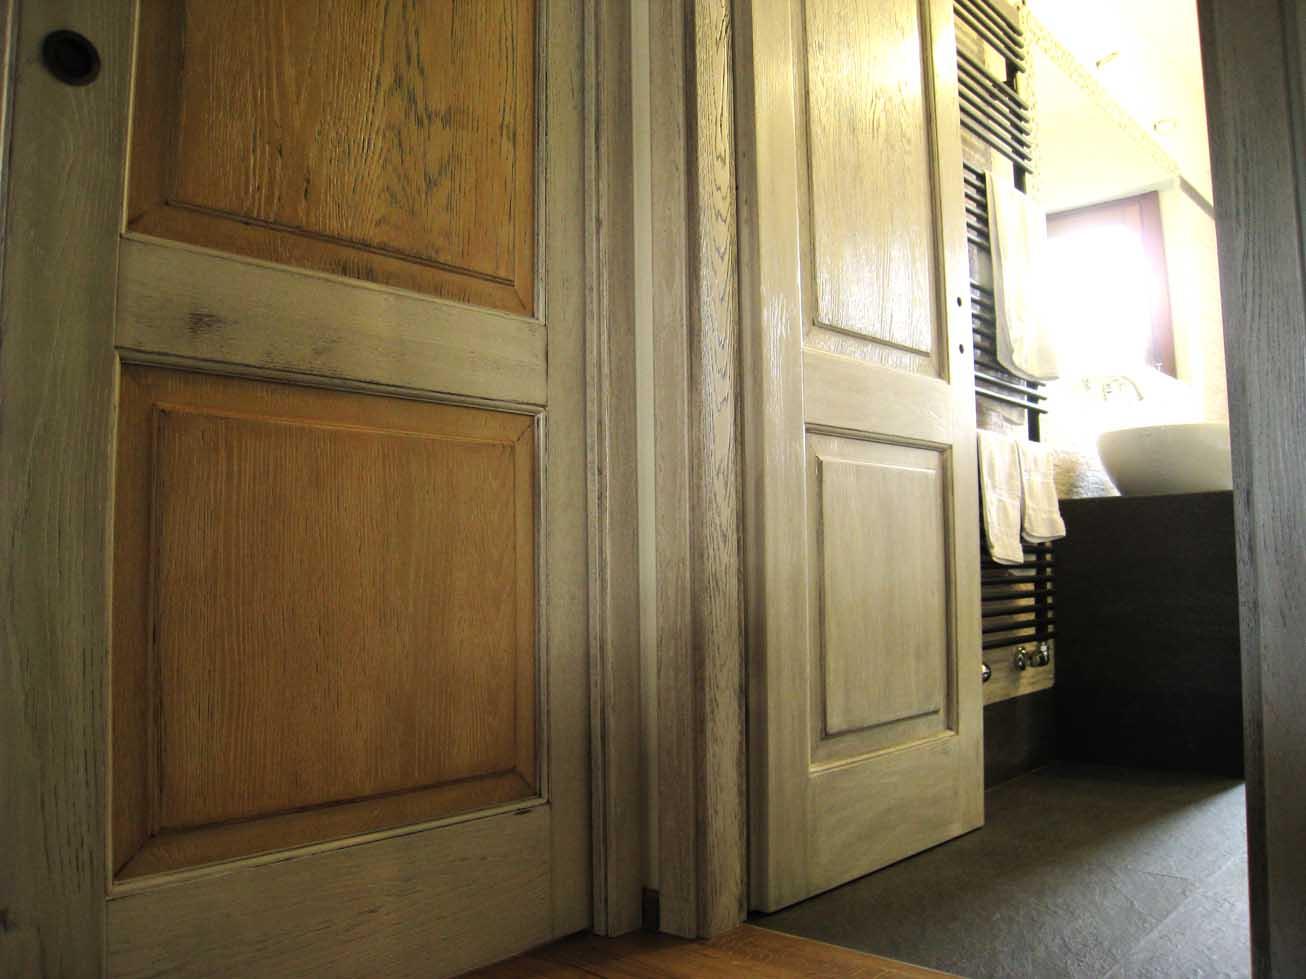 Dipingere Le Porte Di Casa porte scorrevoli, tante soluzioni per i tuoi ambienti | creo